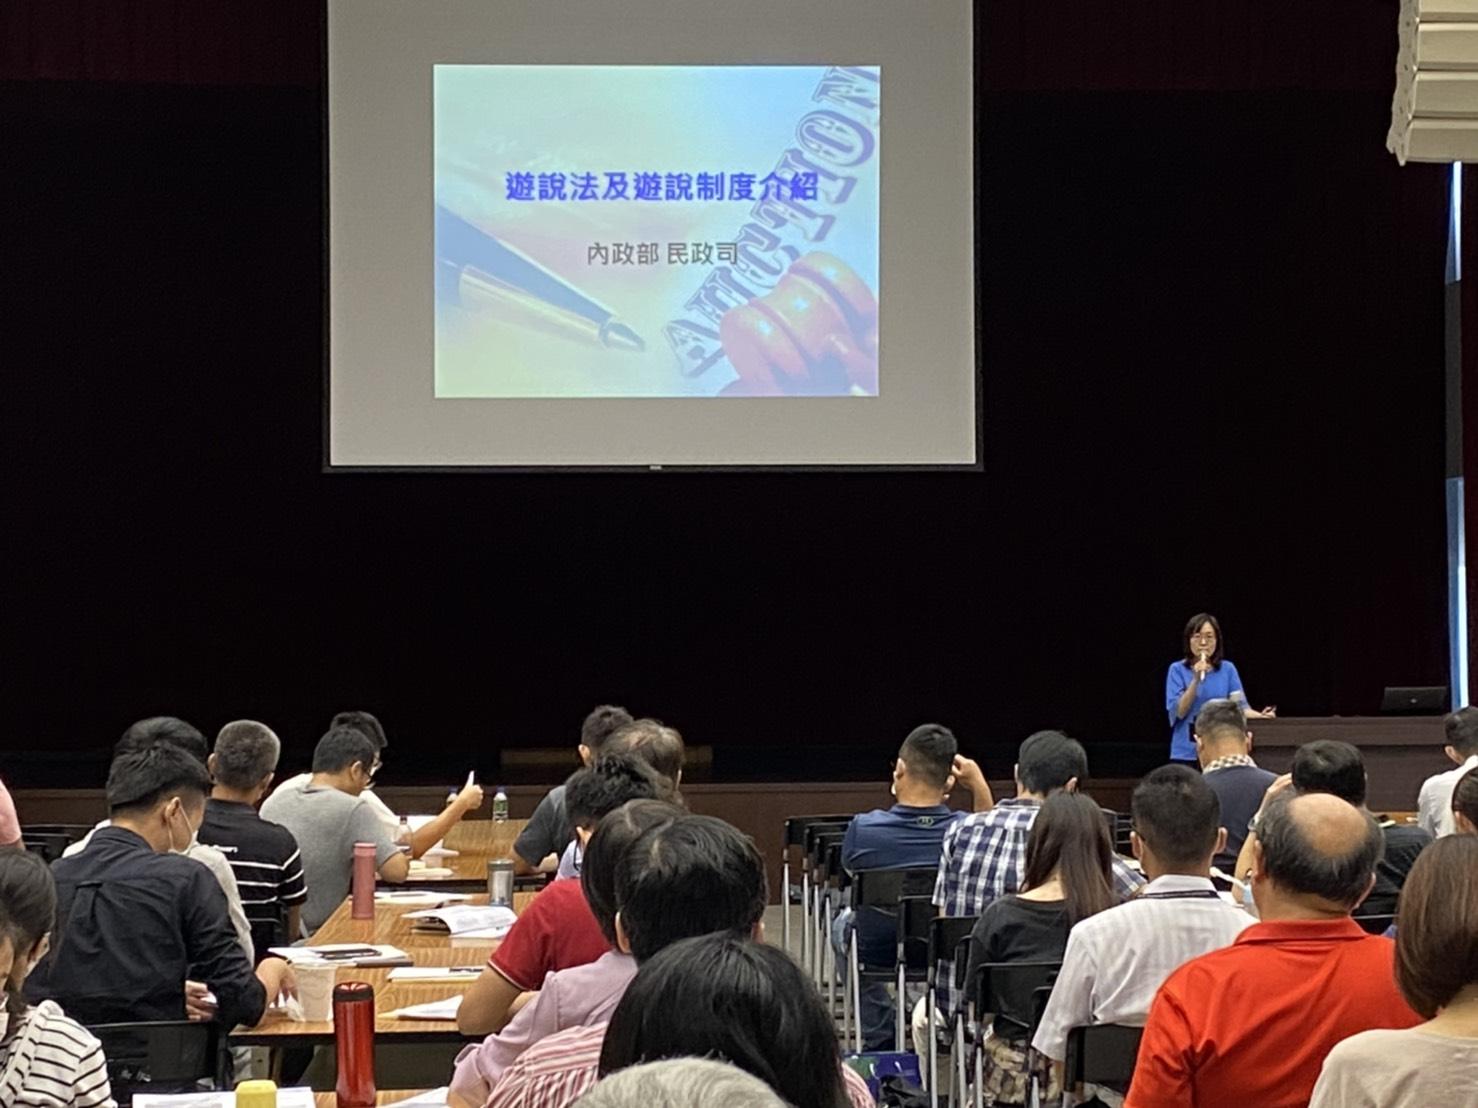 講師為參訓人員介紹遊說法令課程。(地點:臺中市政府市政大樓惠中樓)